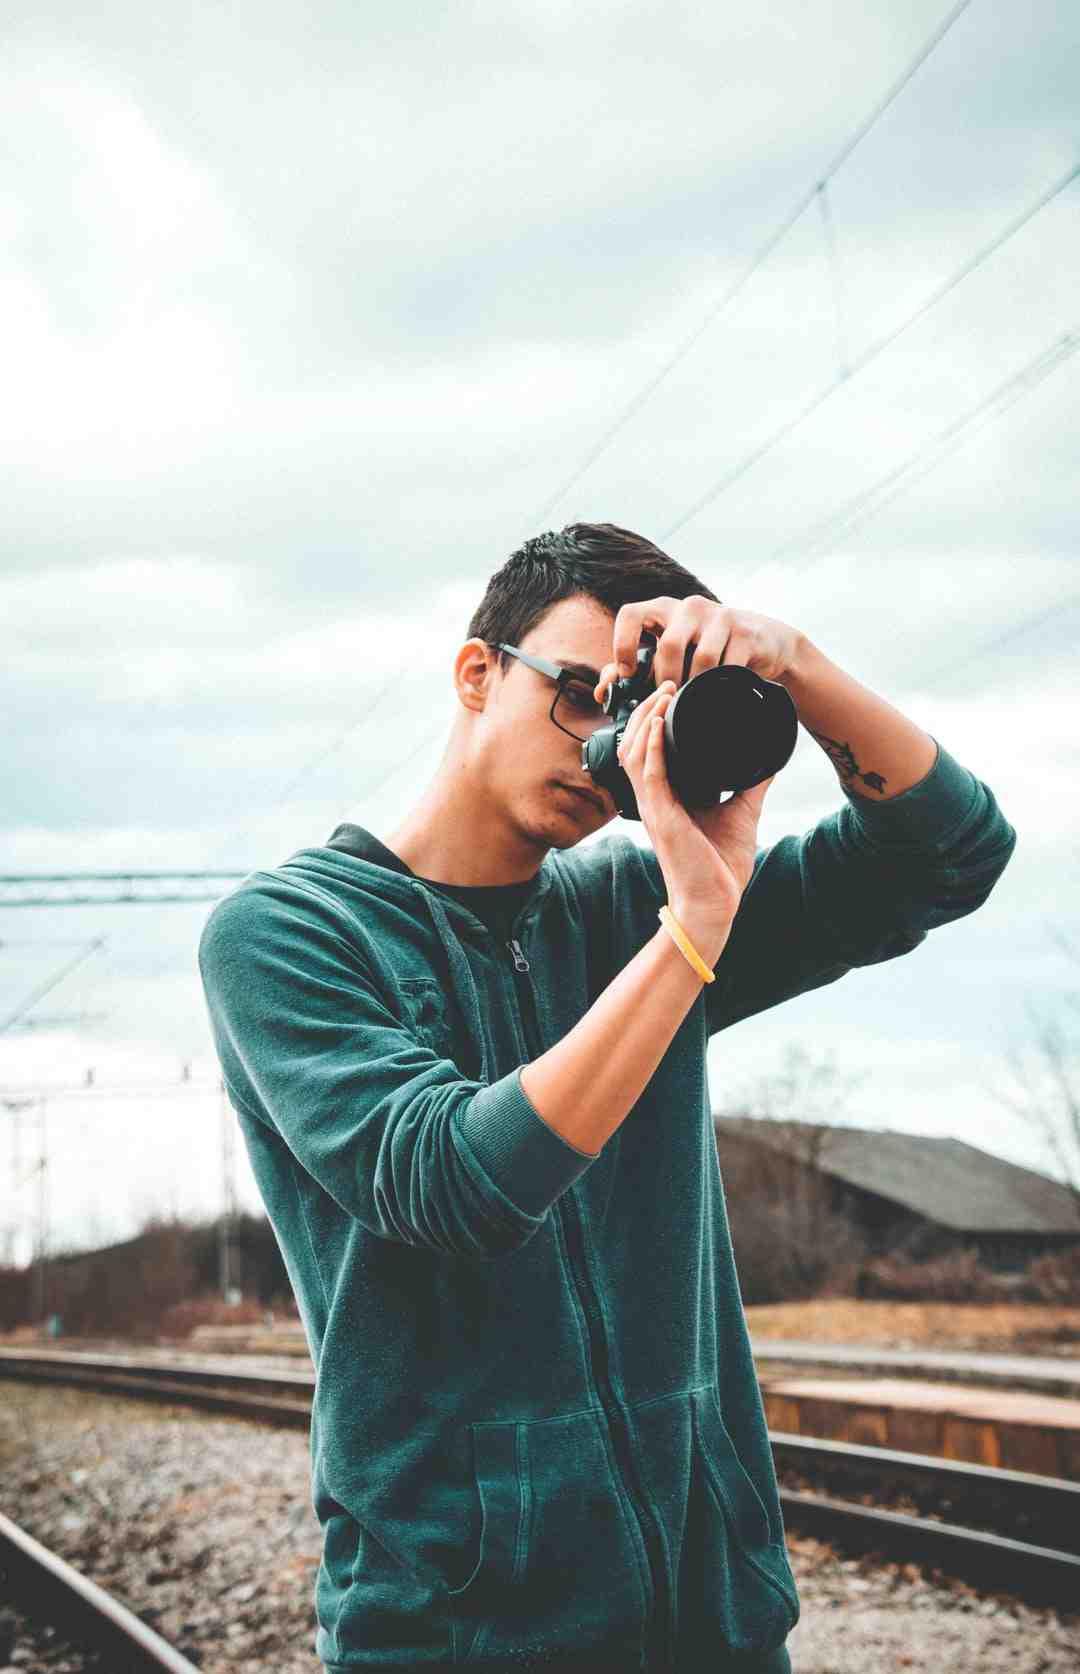 Comment placer les photos directement?